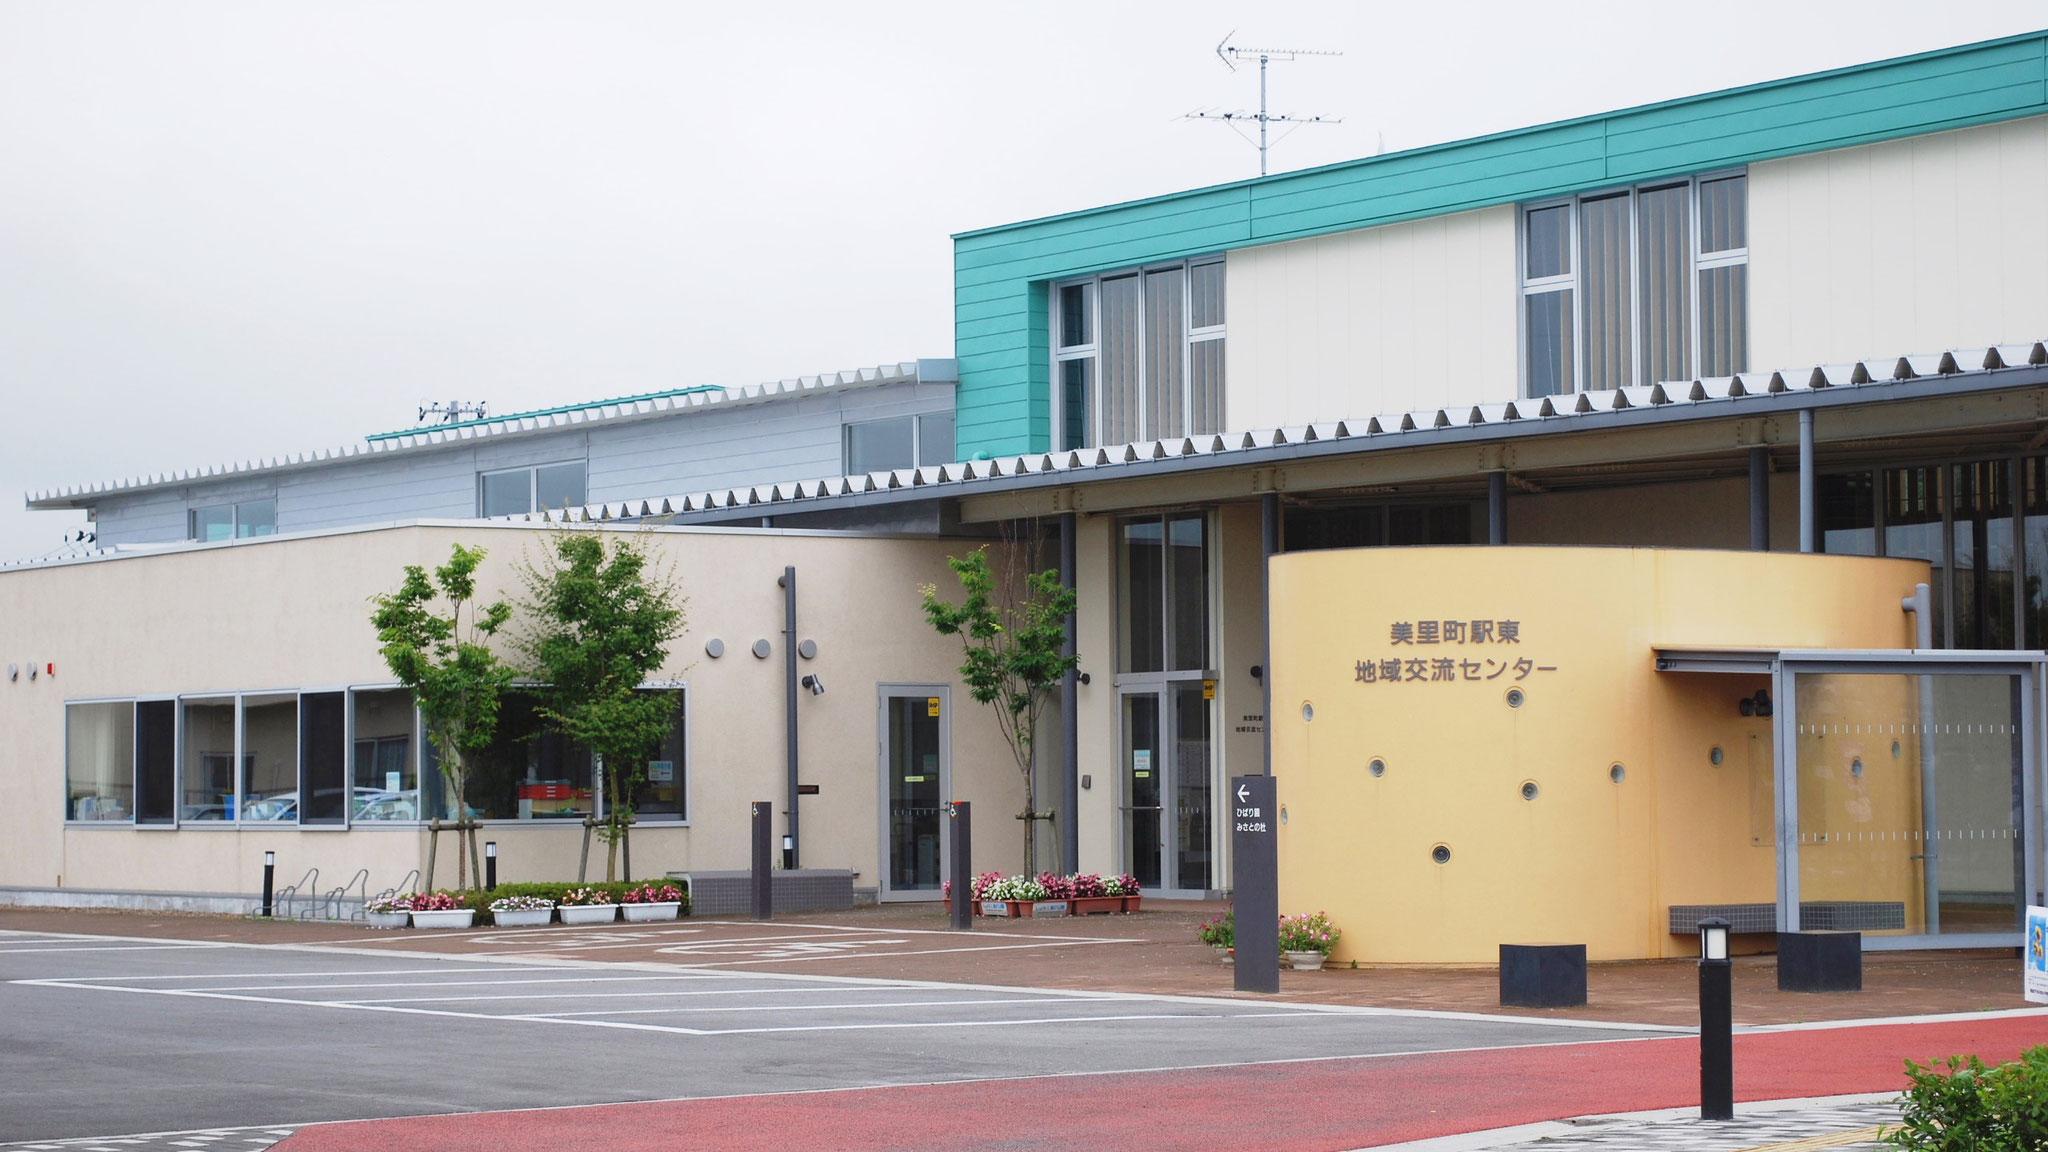 美里町駅東地域交流センター